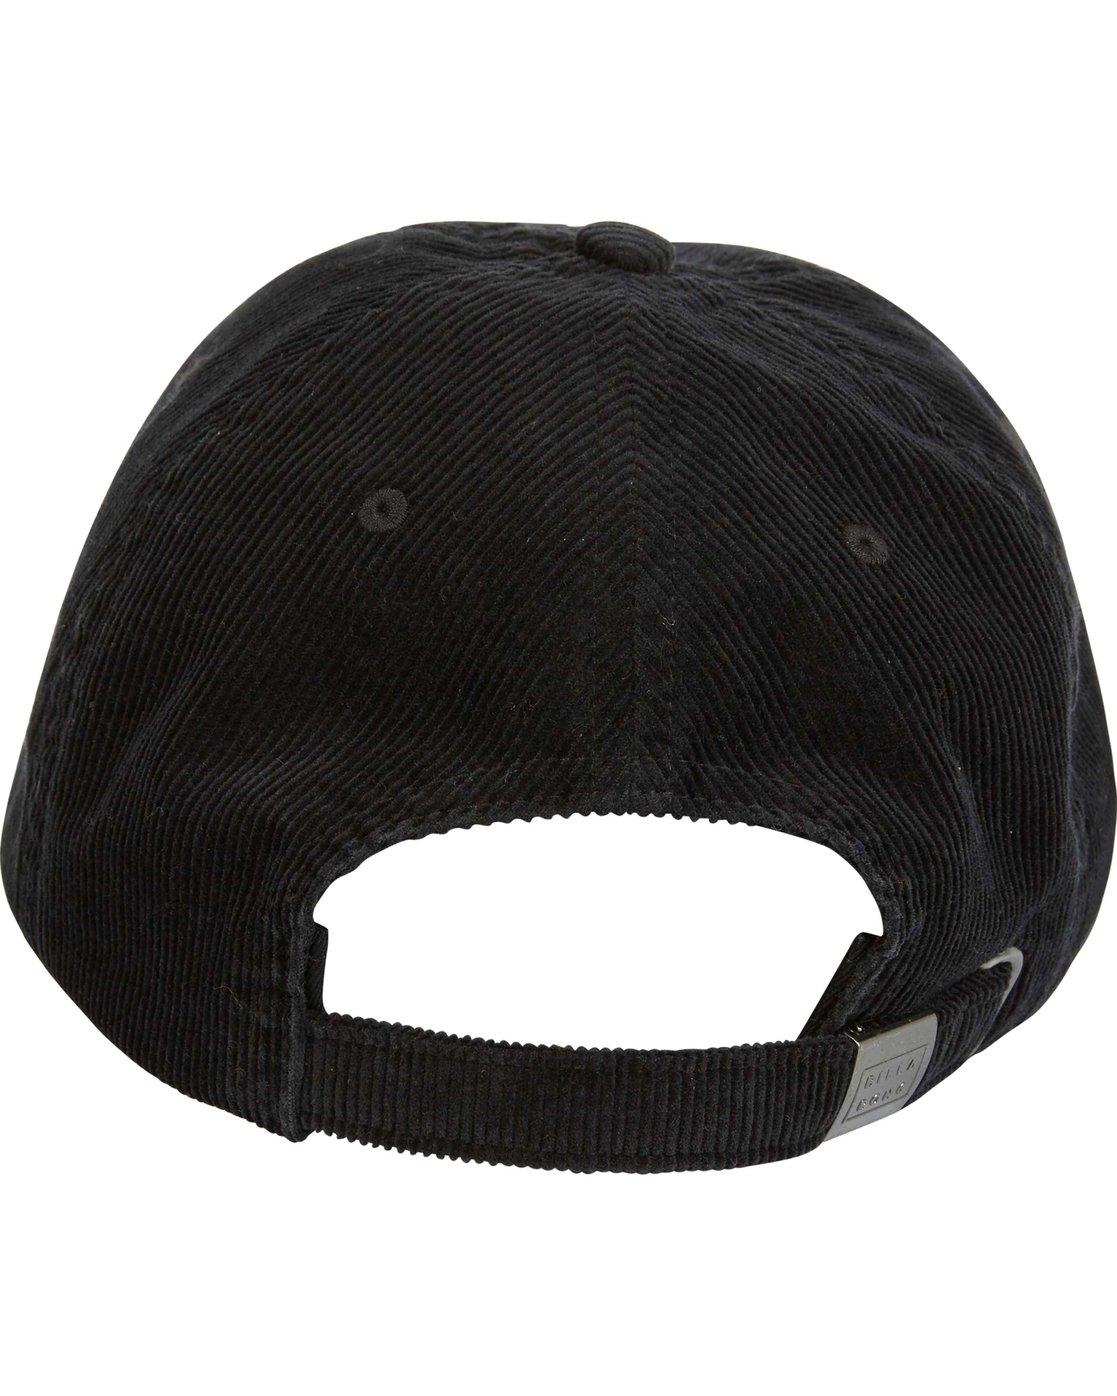 a30864042e7 4 All Day Lad Cord Cap Black MAHWQBAC Billabong